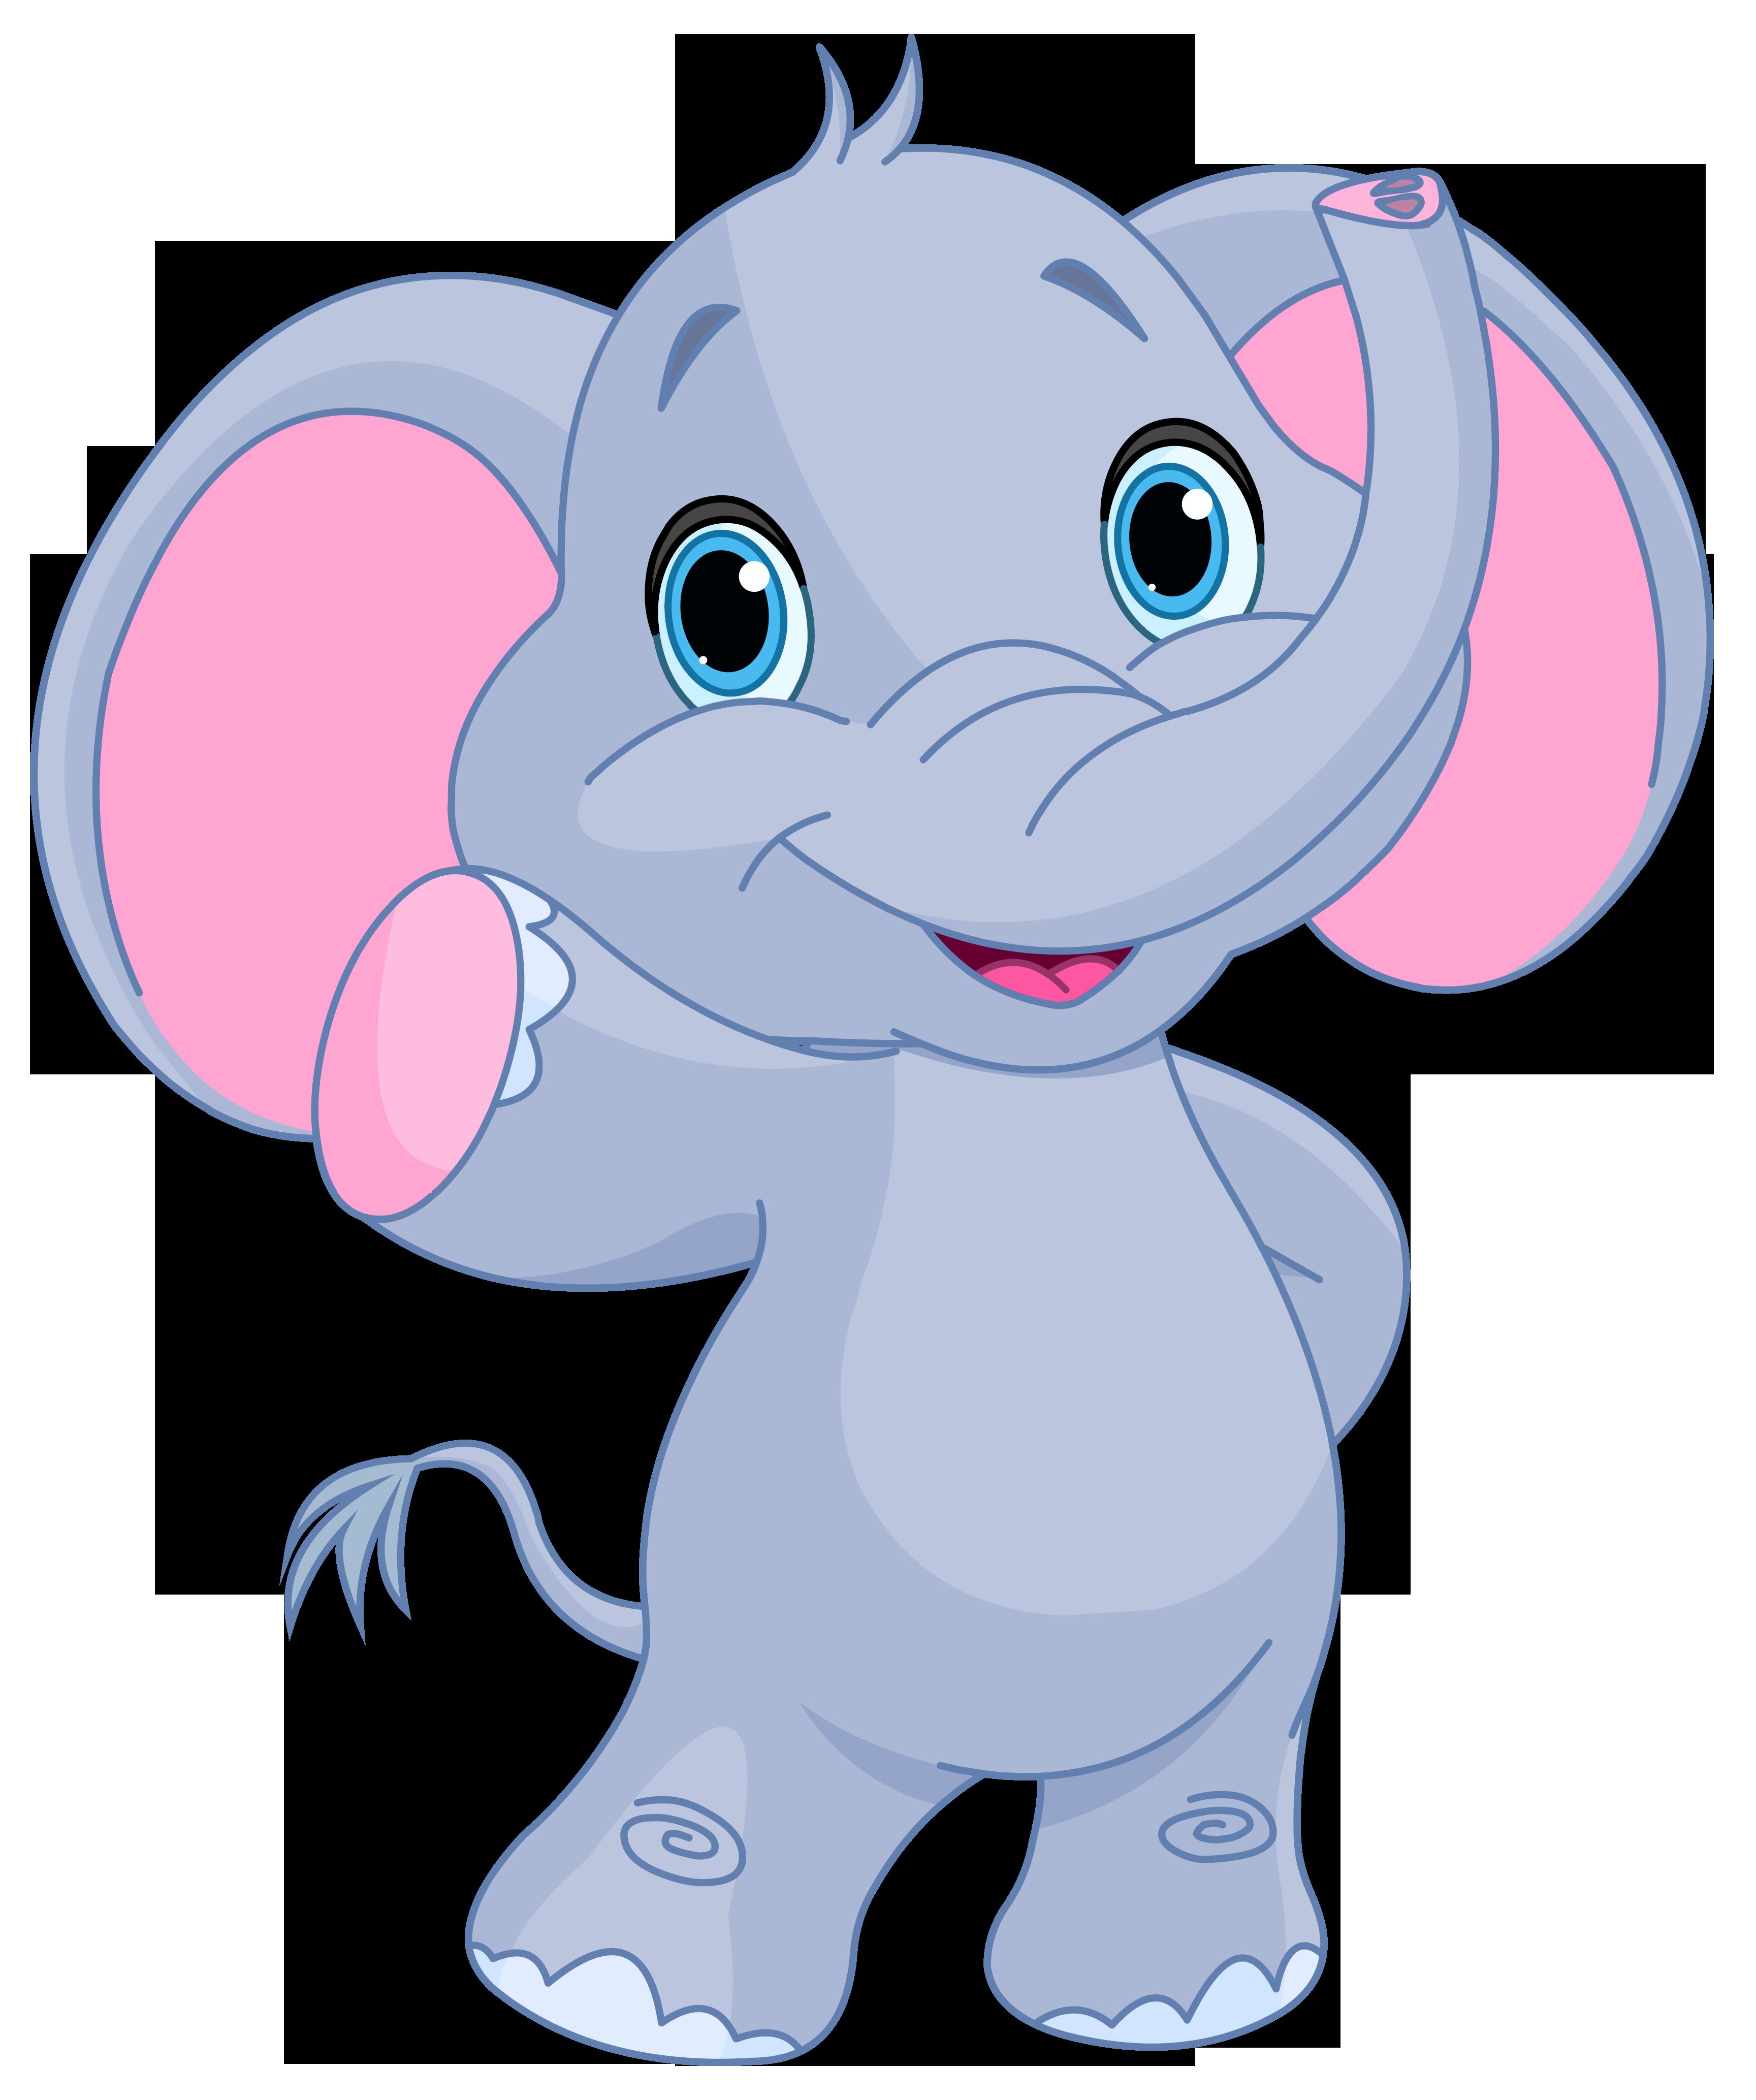 Cute Elephant Clipart - Clipartall-Cute Elephant Clipart - clipartall-4